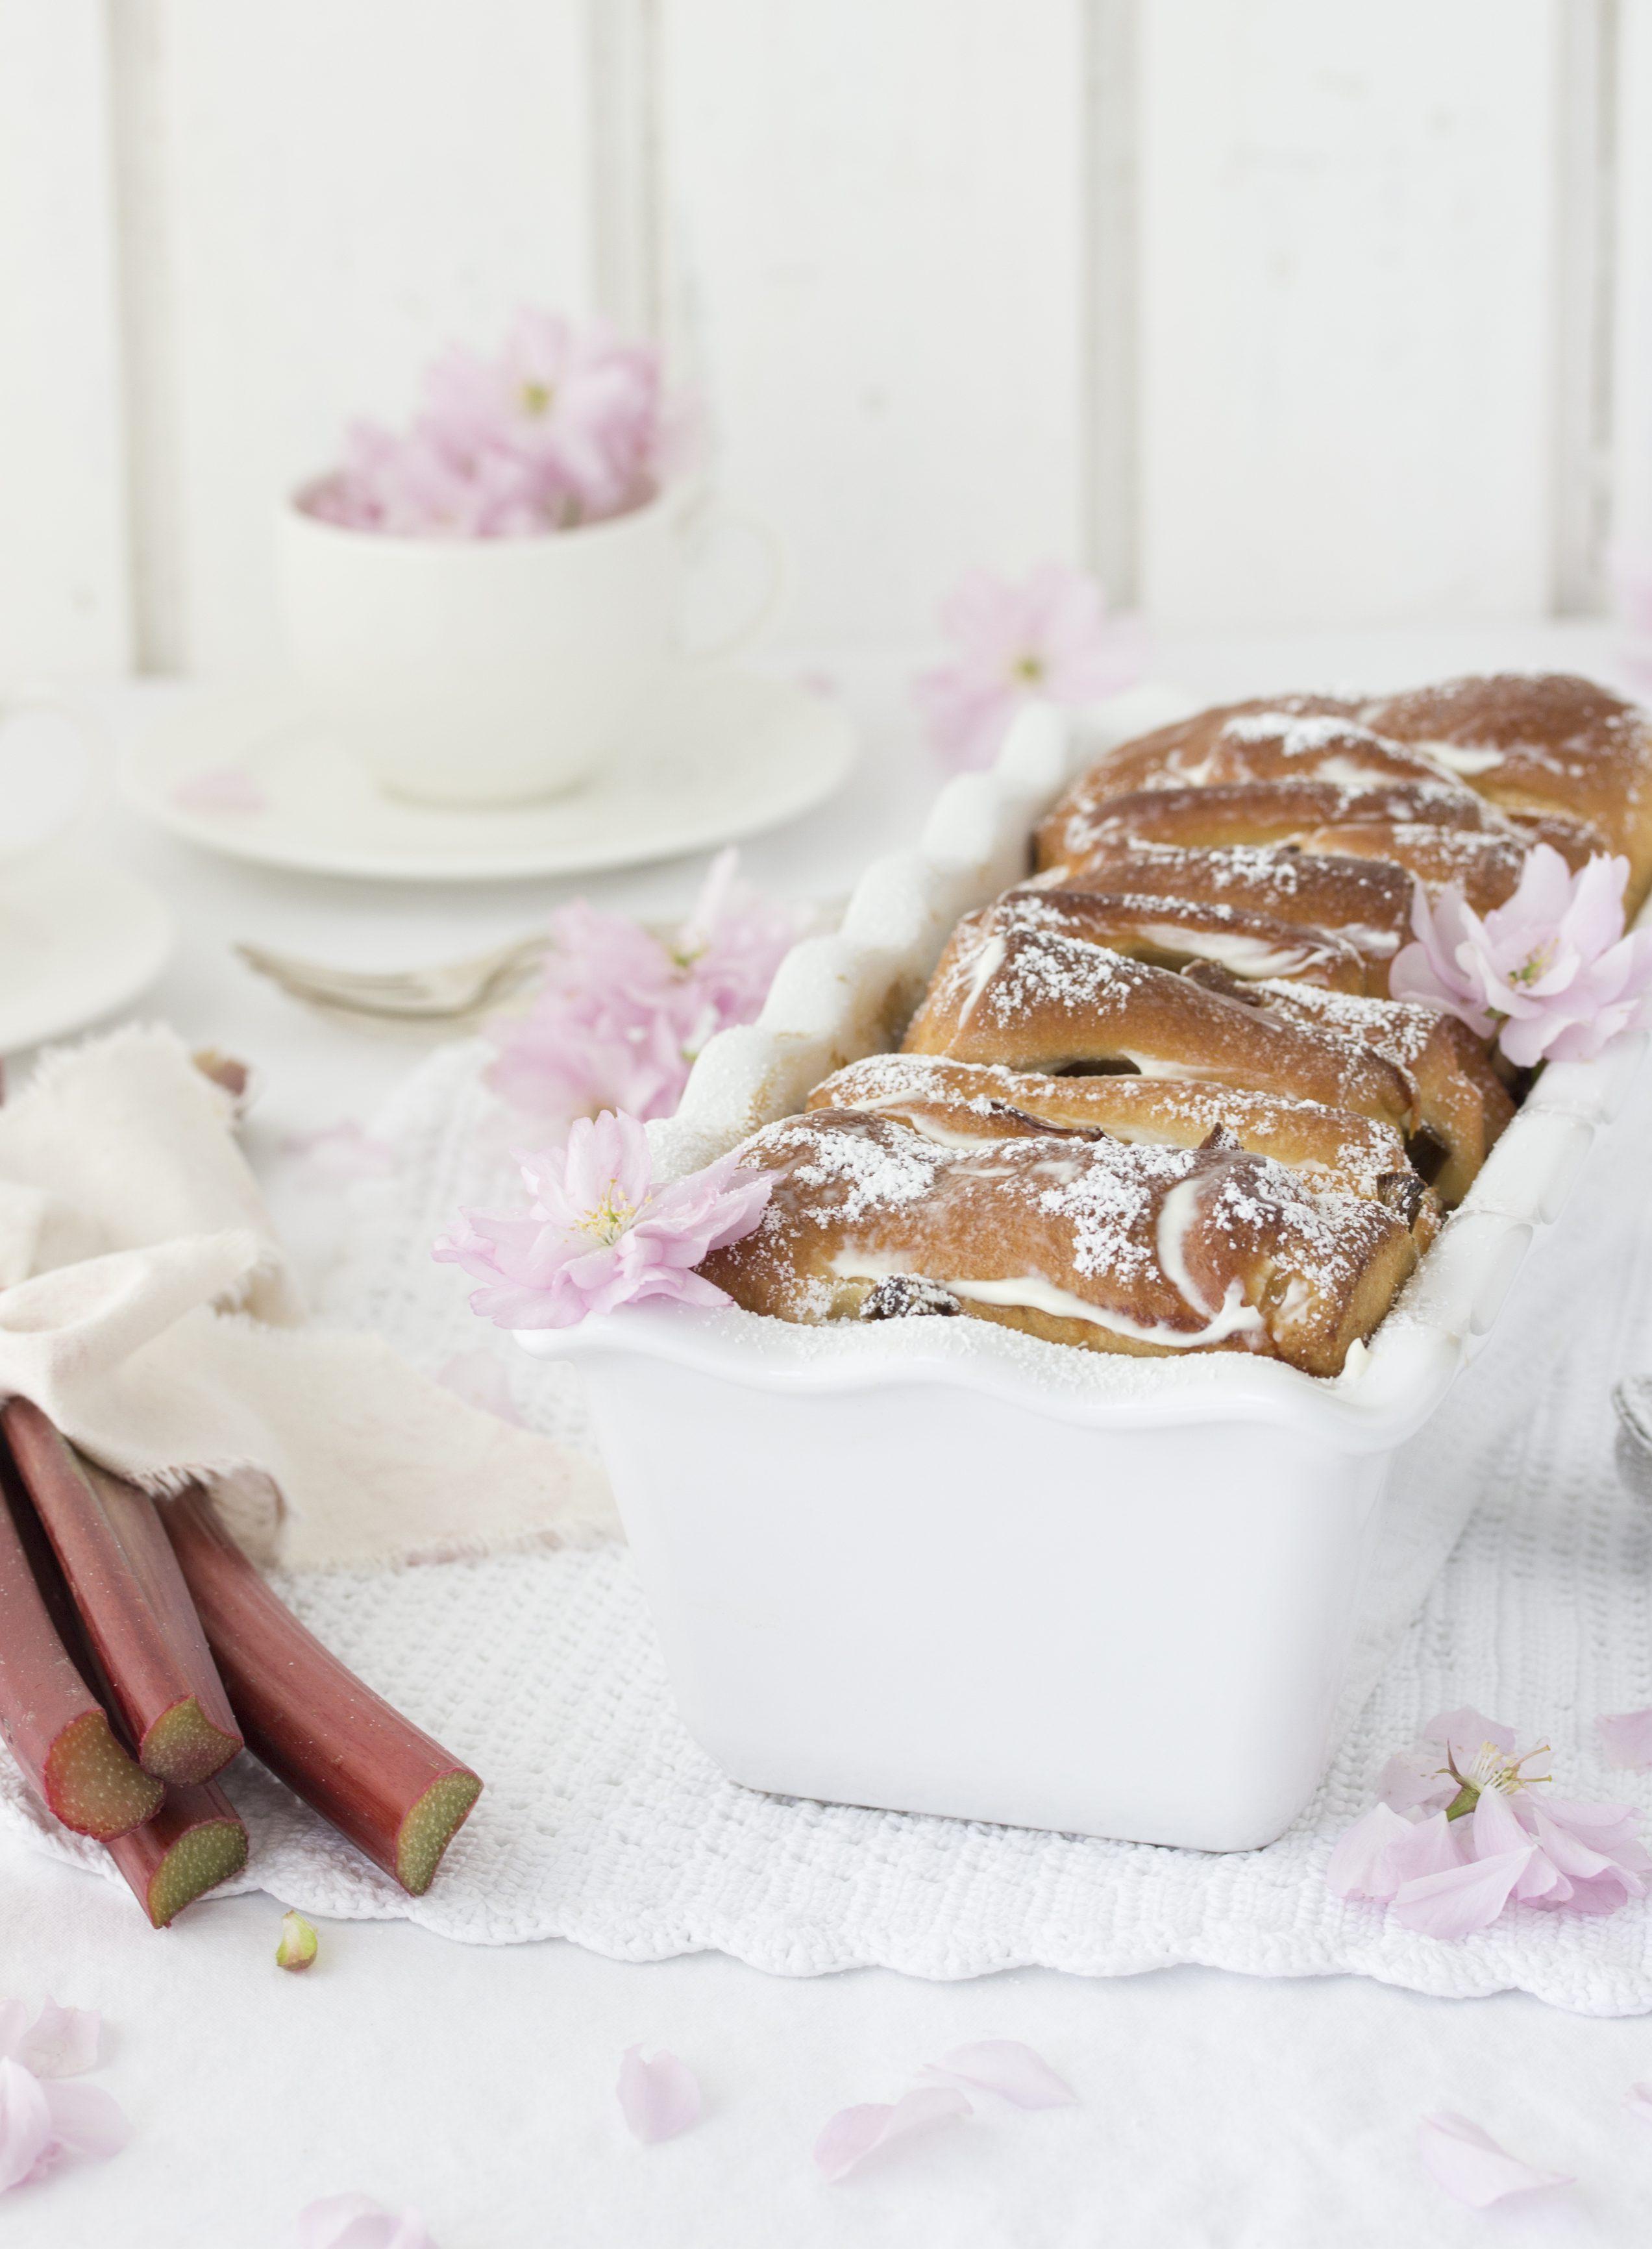 Rhabarber Pull Apart Bread